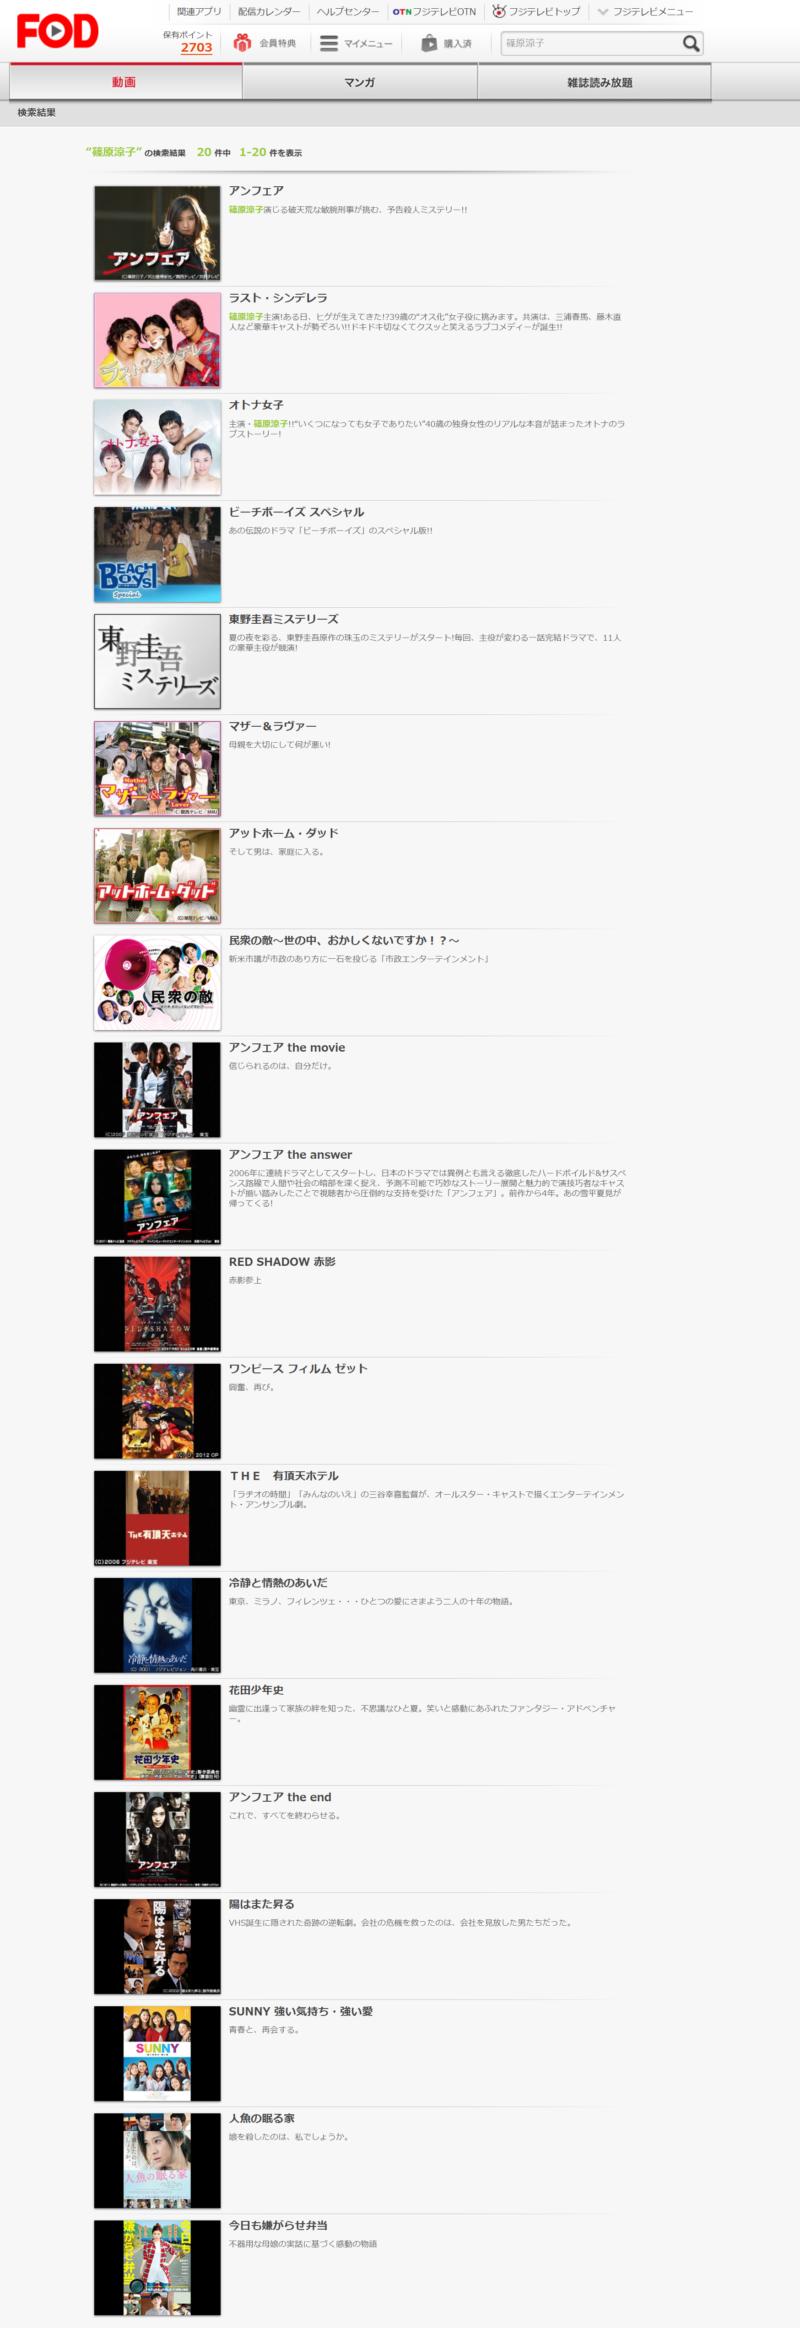 ラストシンデレラ(篠原涼子)の動画無料視聴方法FOD